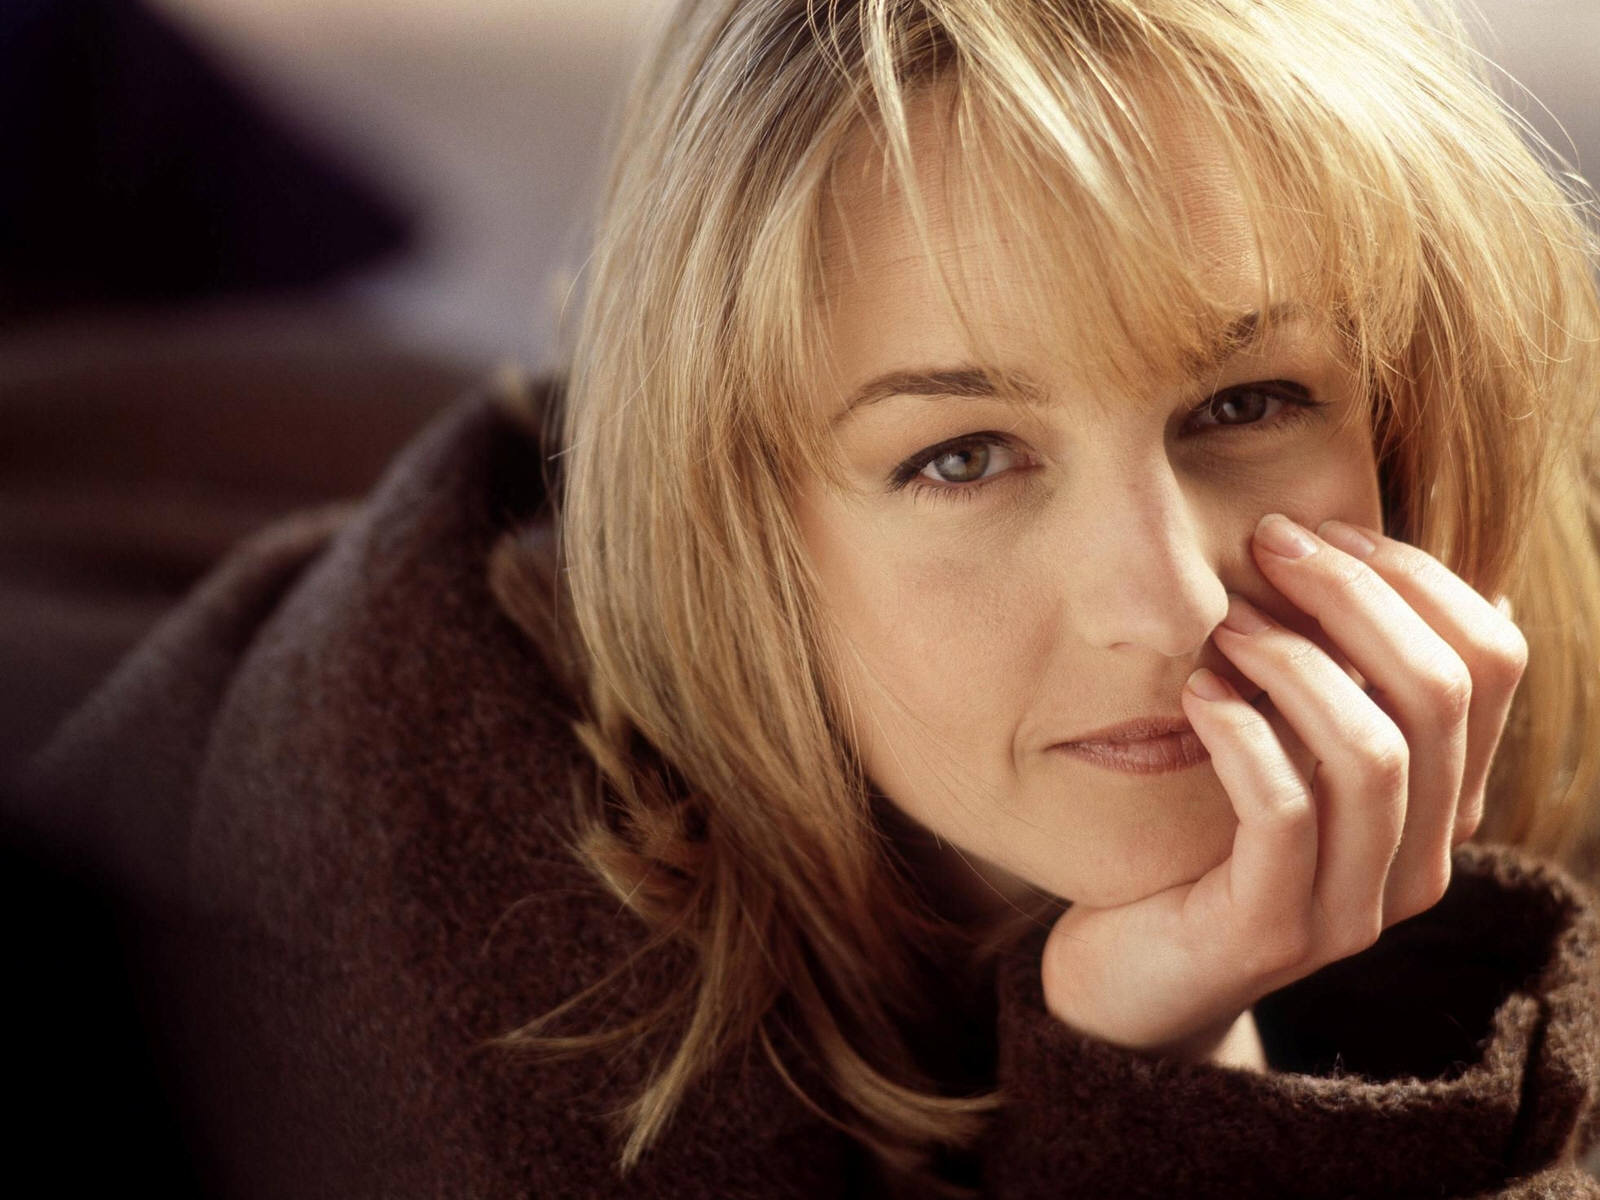 Смотреть сексуальное исцеление 1993 хелен хант 13 фотография